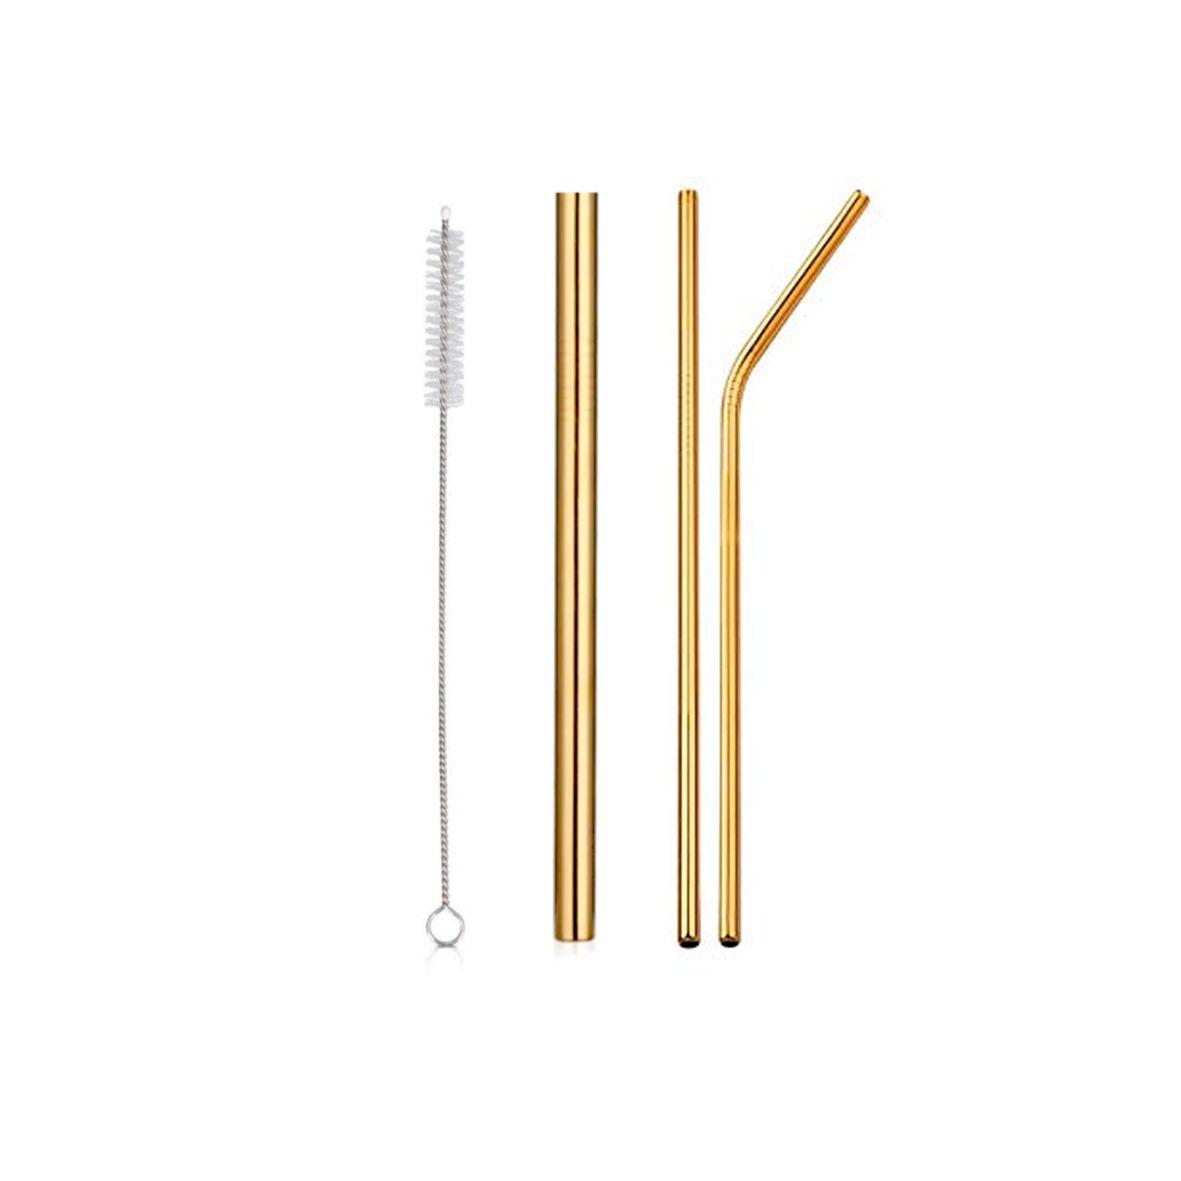 Kit de Canudo de Inox Ecológico Dourado